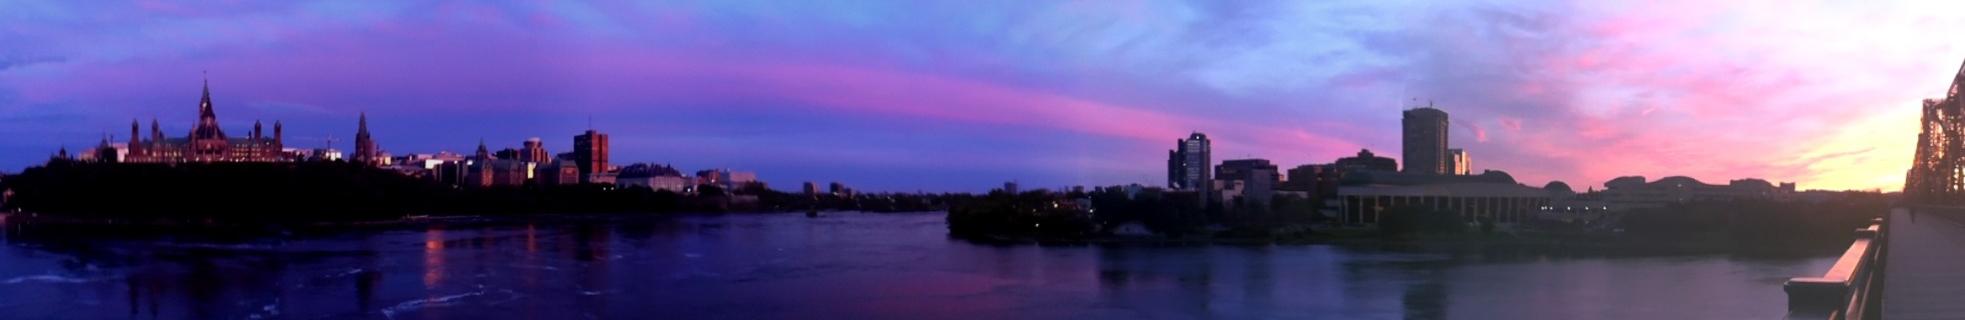 Ottawa at sunset